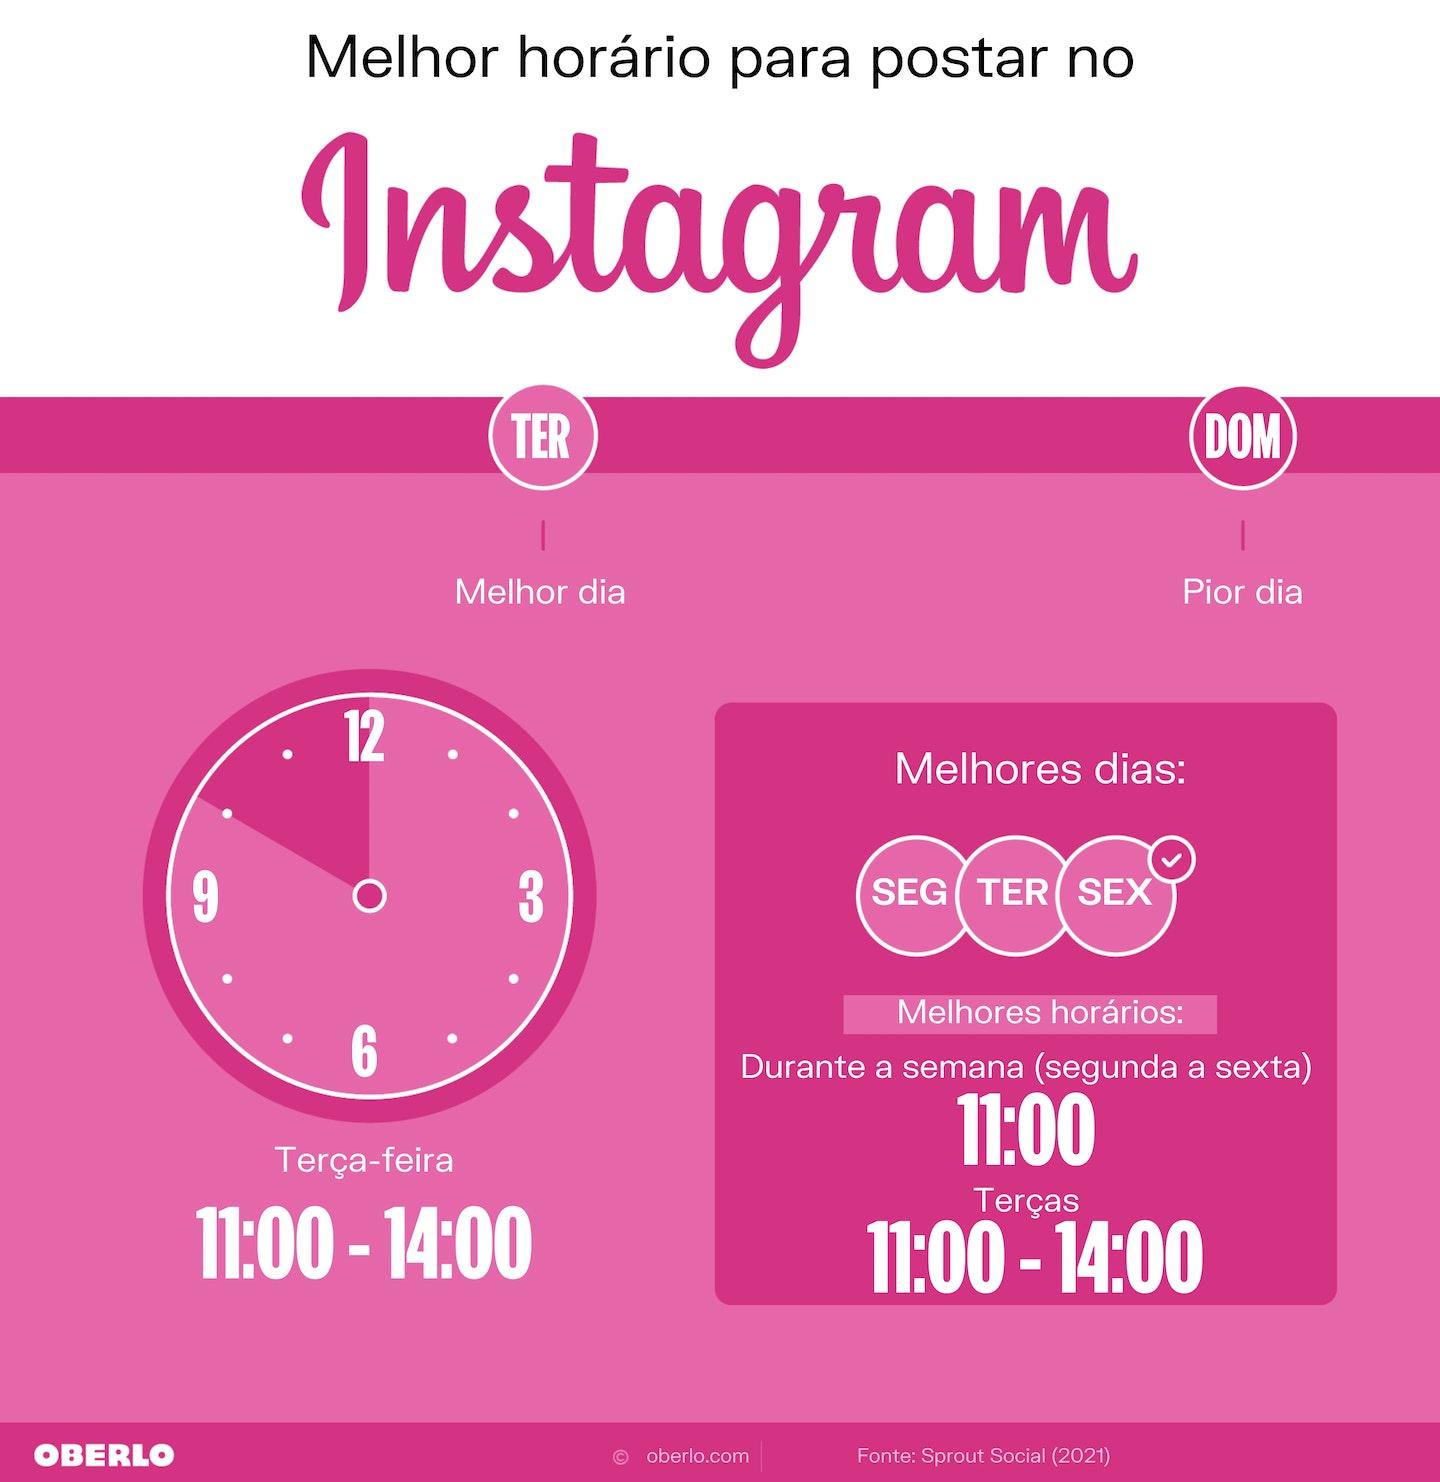 Melhores horários para postar no Instagram - Oberlo